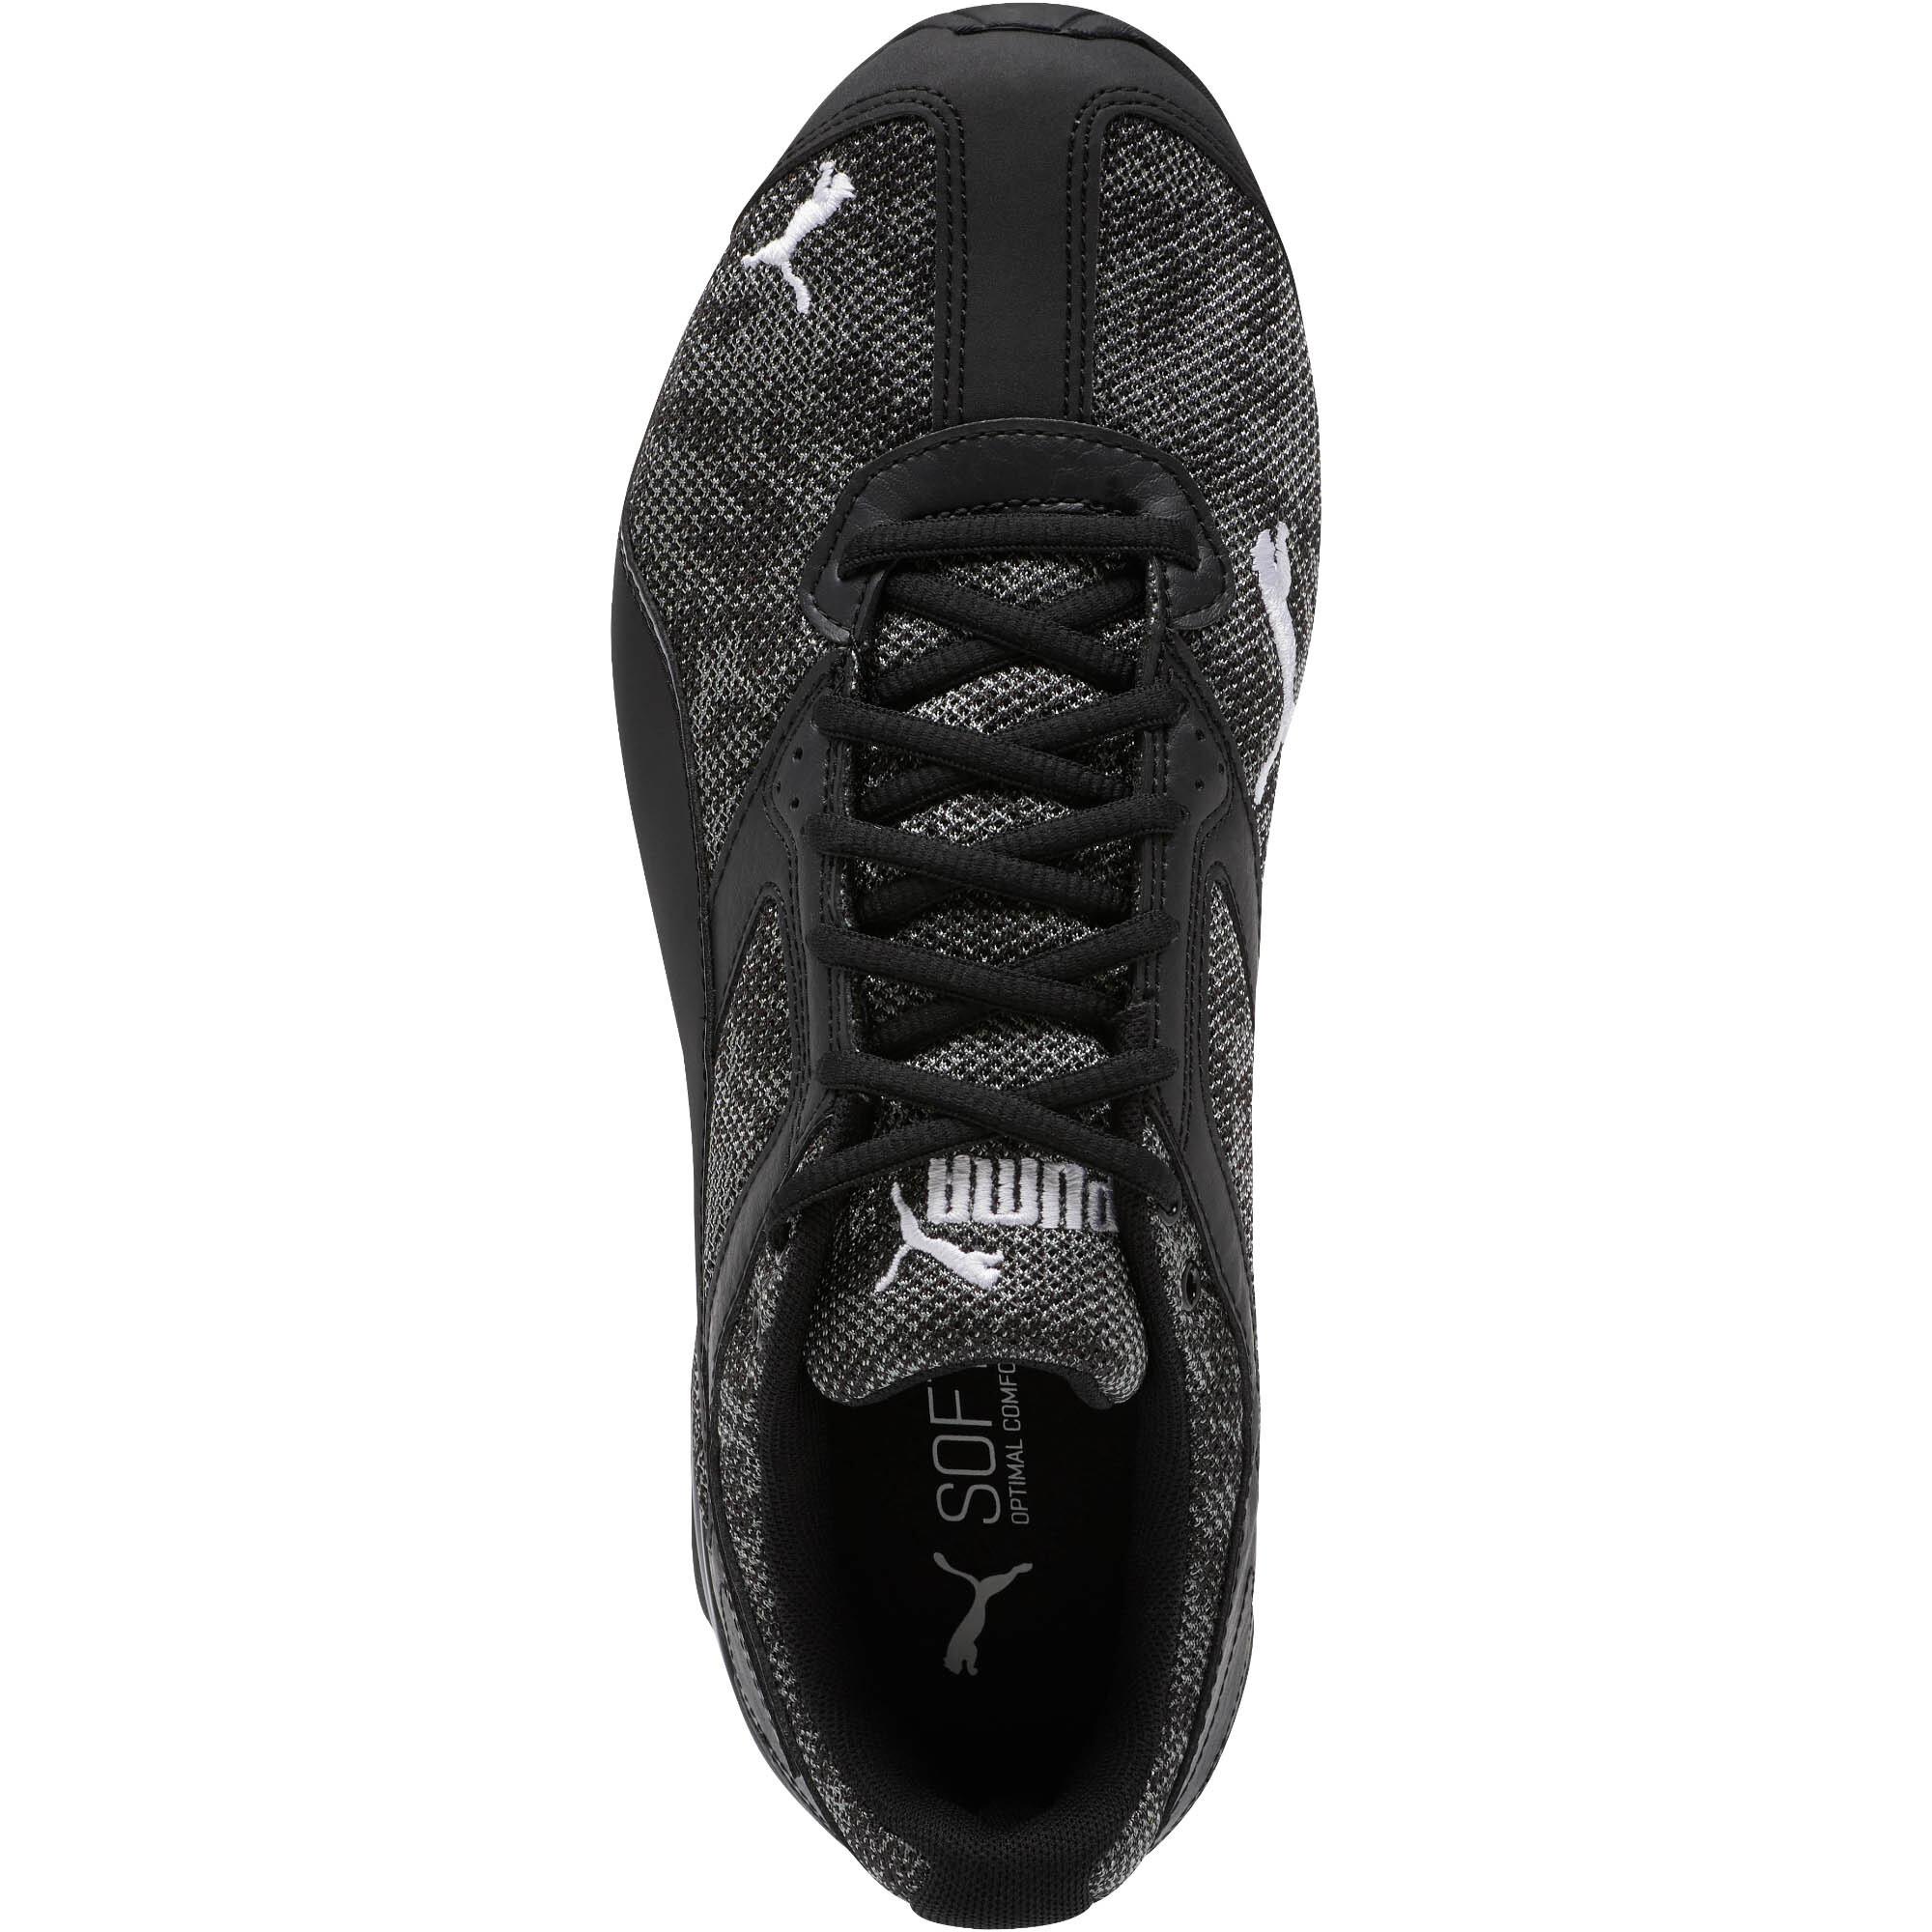 Puma-Tazon-6-Camo-Mesh-Scarpe-da-ginnastica-Uomo-scarpa-in-esecuzione miniatura 6